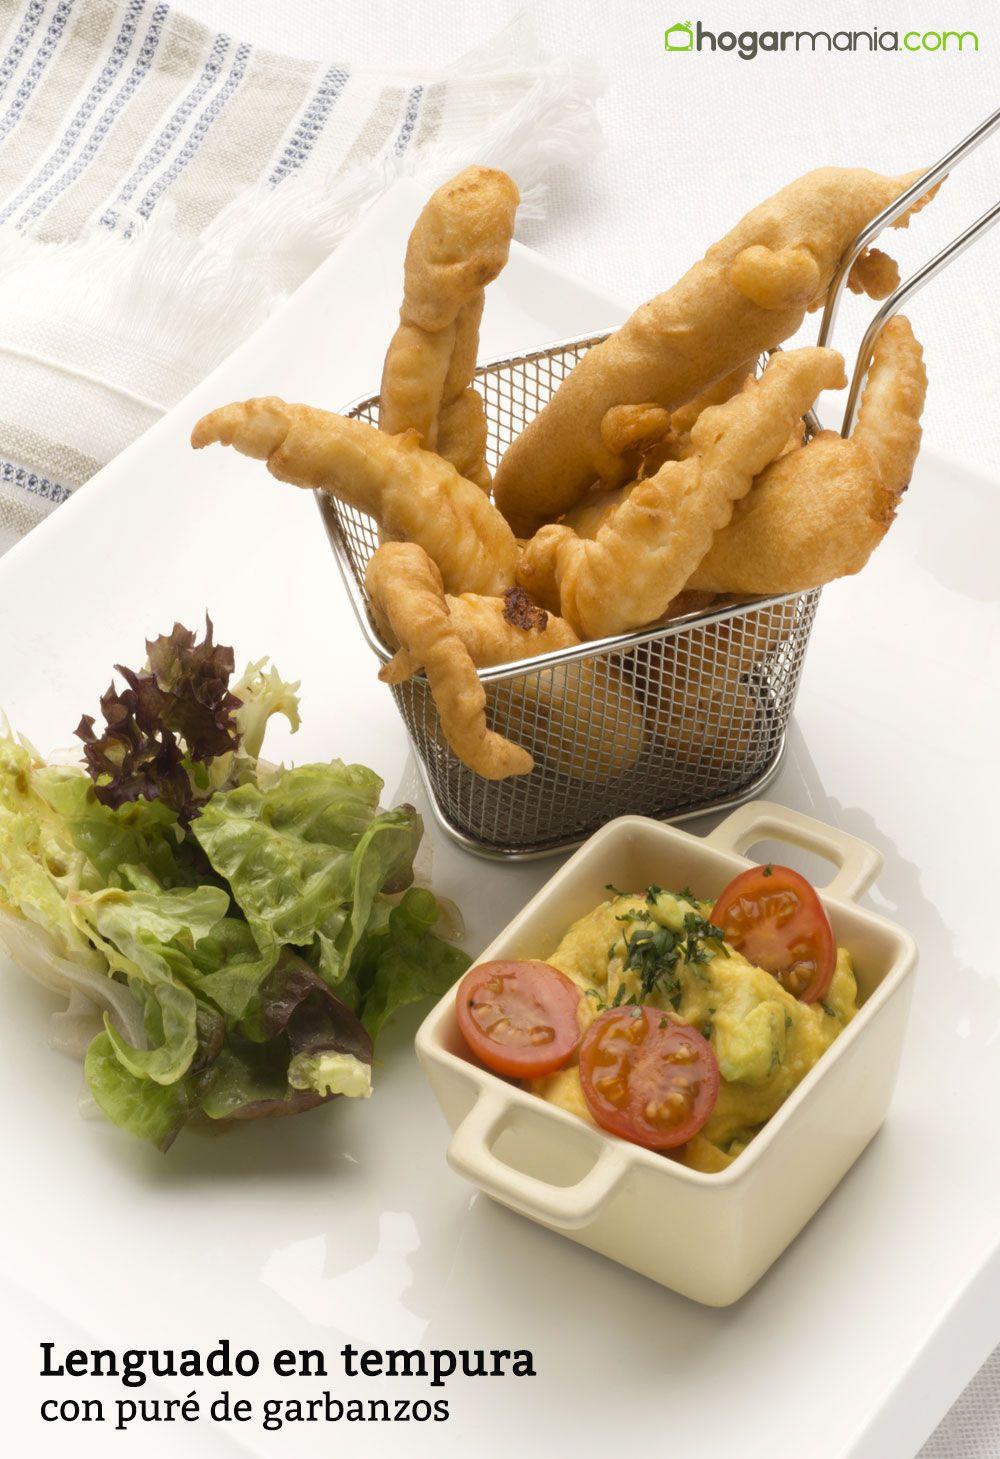 Lenguado en tempura con puré de garbanzos